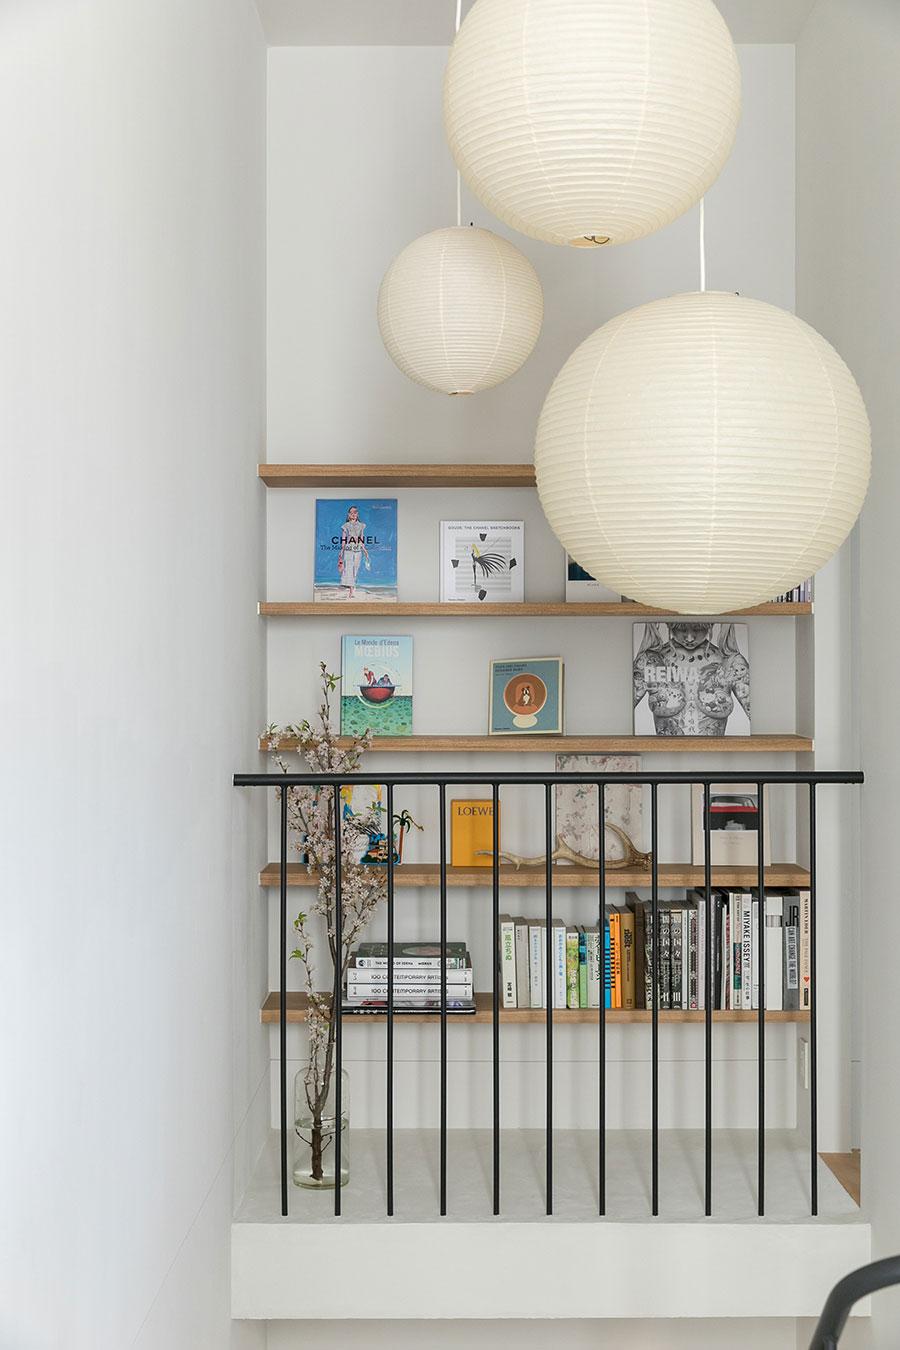 イサム・ノグチデザインのペンダントシェード「AKARI(あかり)」が空間にアクセントを与える。